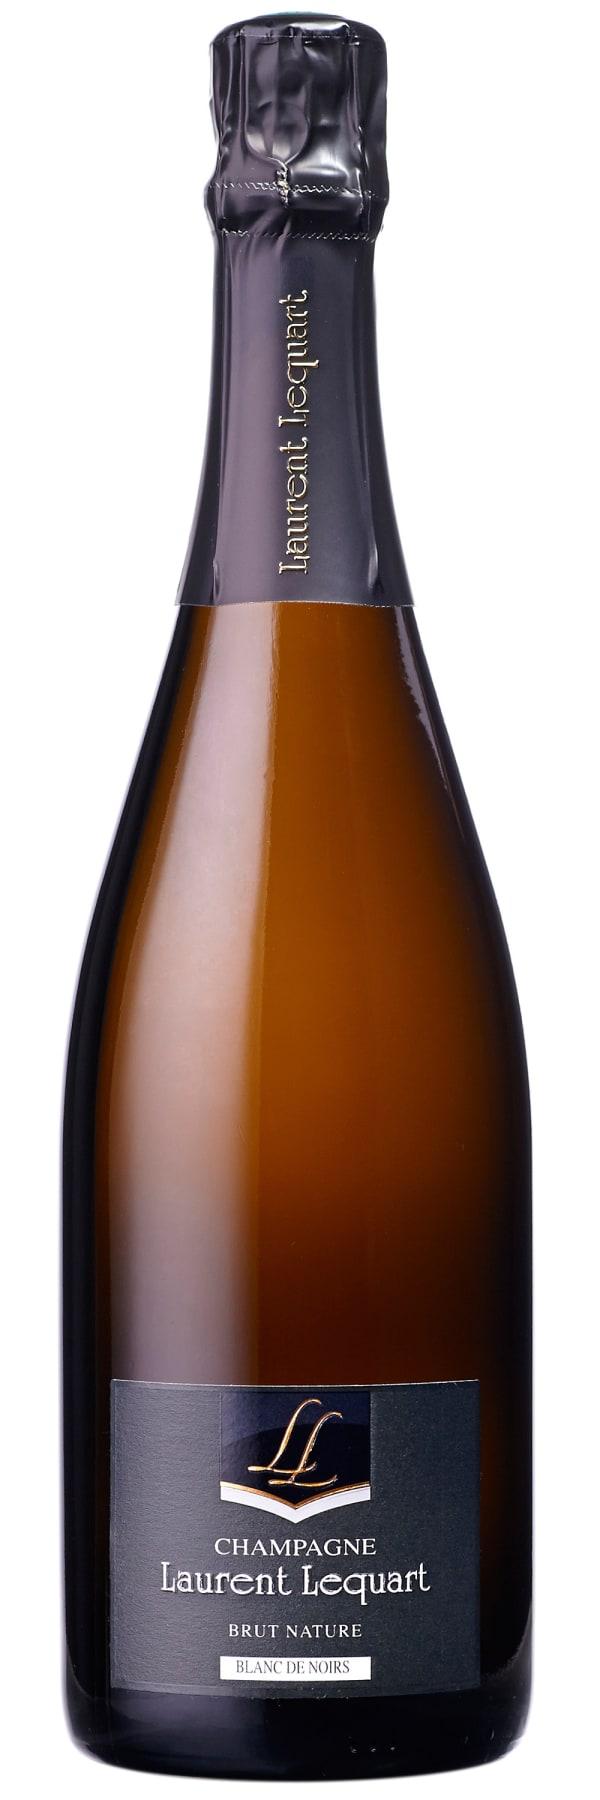 Laurent Lequart Blanc de Noirs Champagne Brut Nature